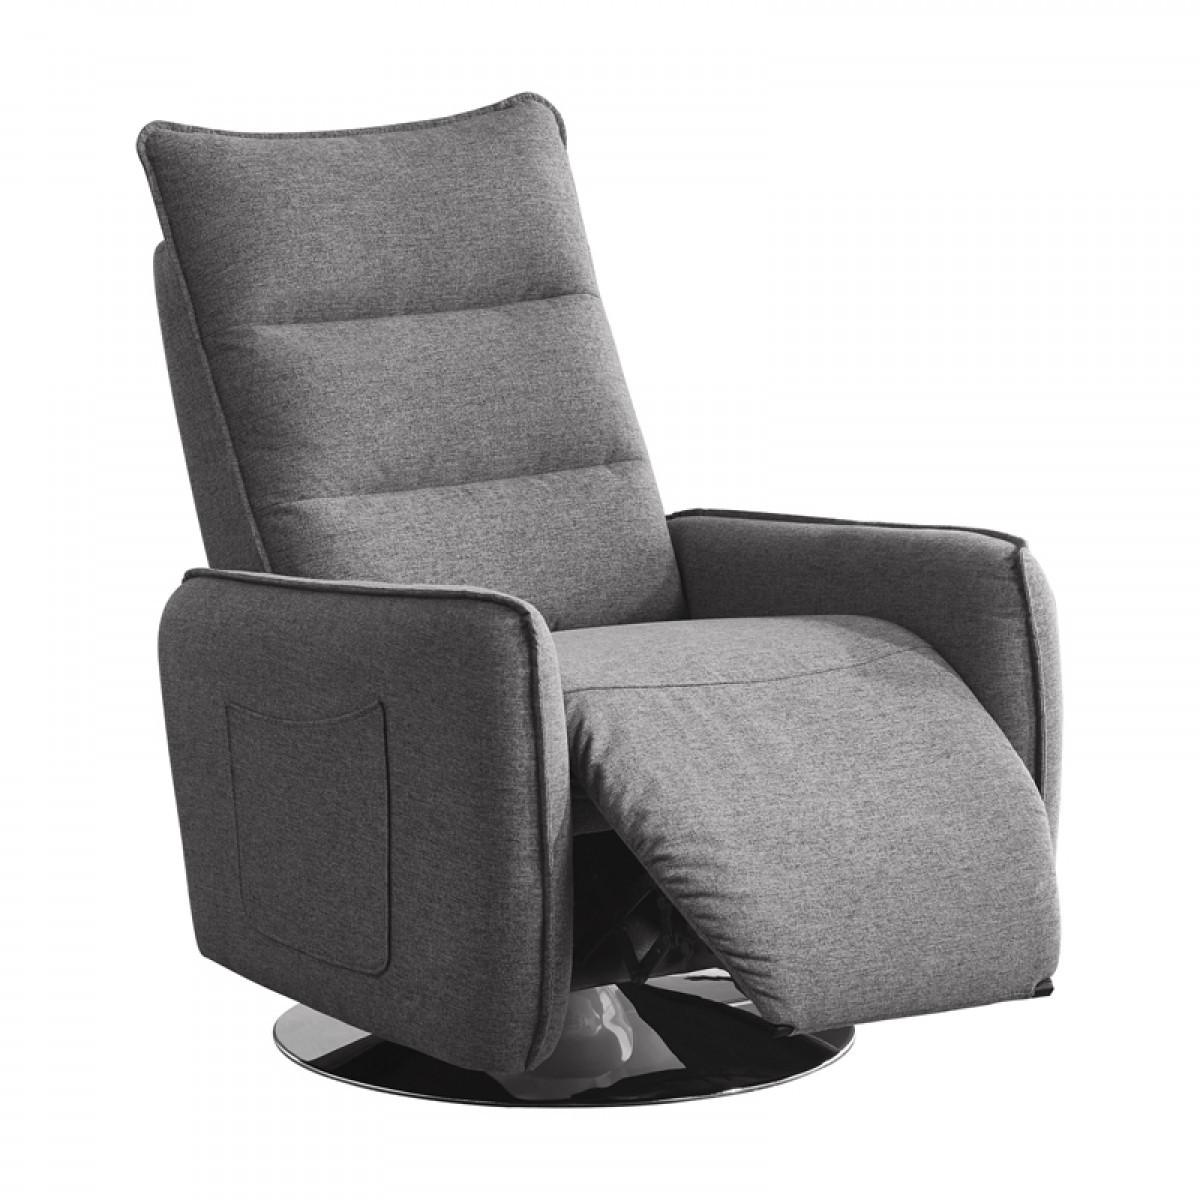 Best ideas about Modern Recliner Chair . Save or Pin Divani Casa Fairfax Modern Grey Fabric Recliner Chair Now.